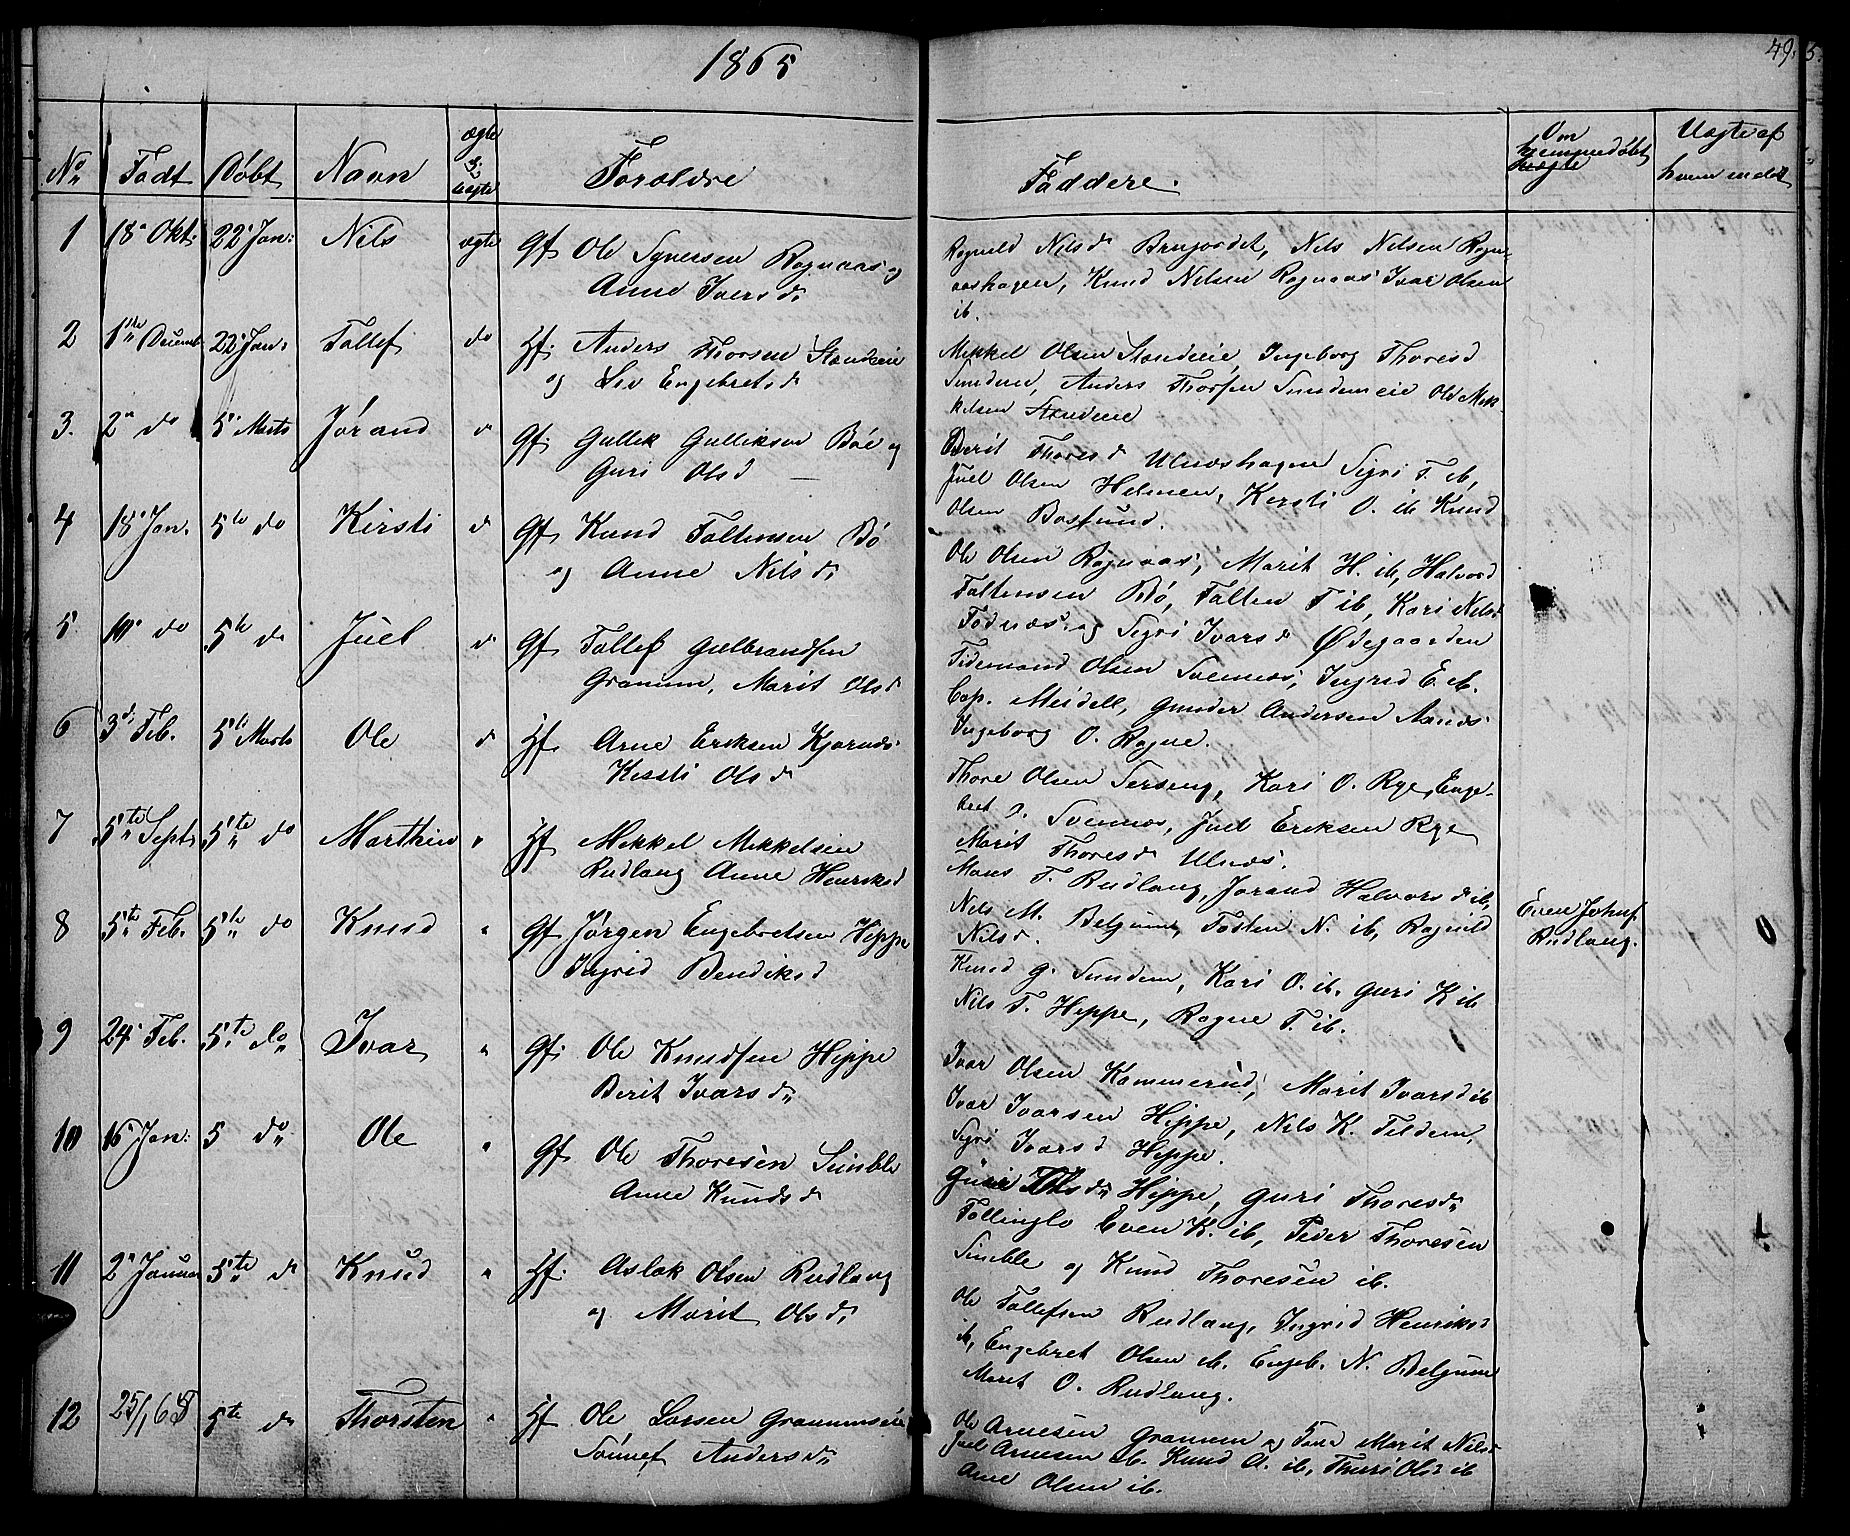 SAH, Nord-Aurdal prestekontor, Klokkerbok nr. 4, 1842-1882, s. 49